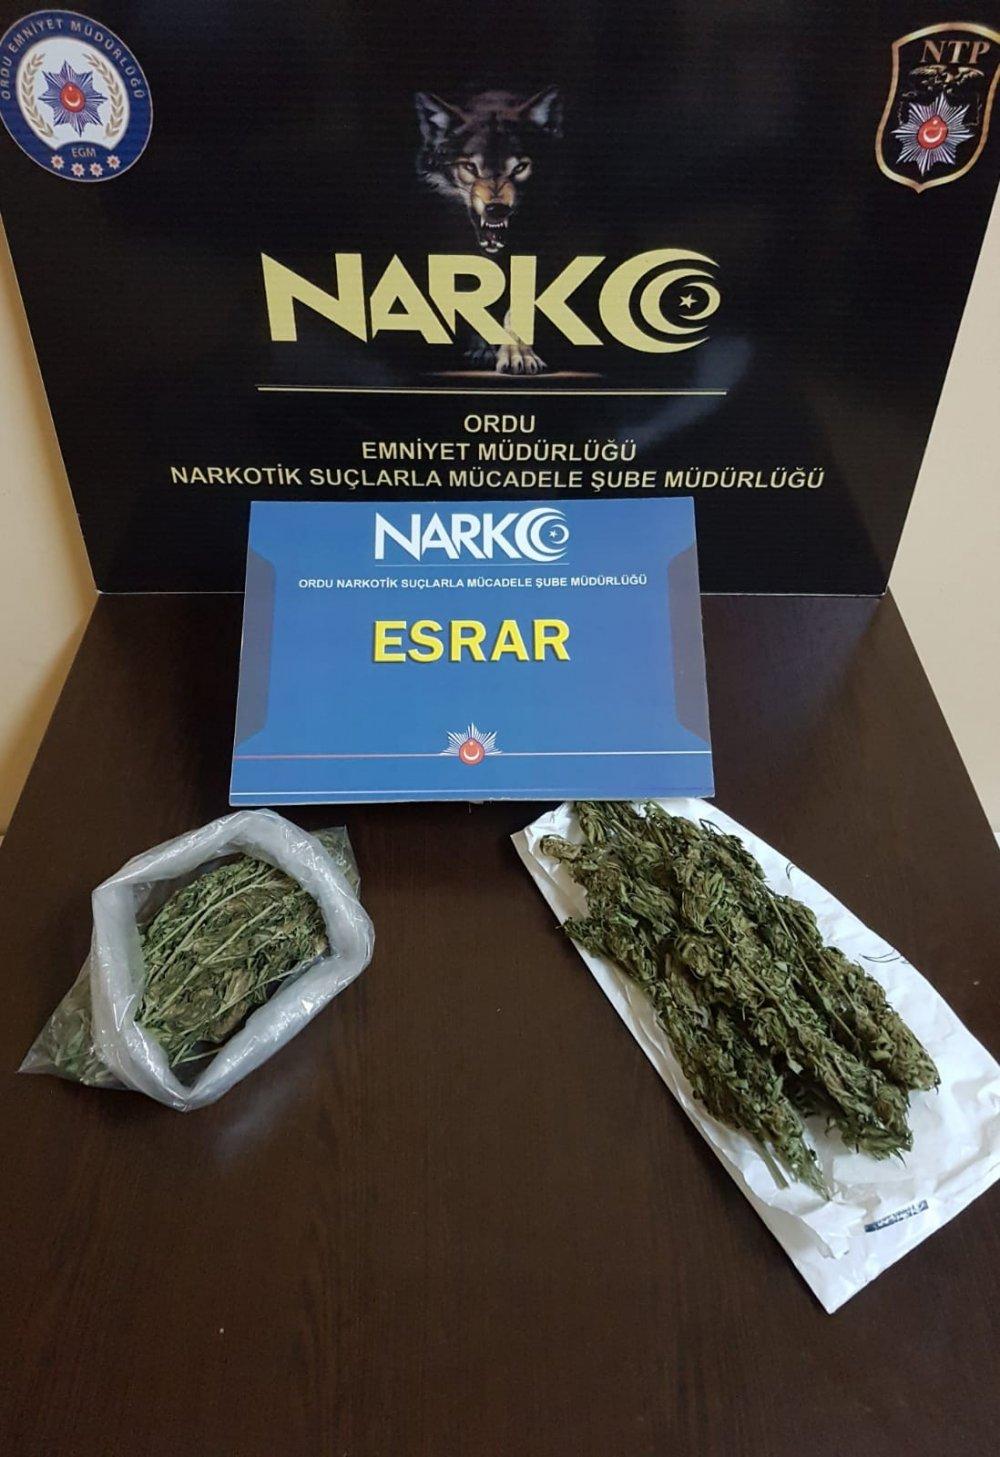 Ordu'da uyuşturucu kontrolleri sıklaştı